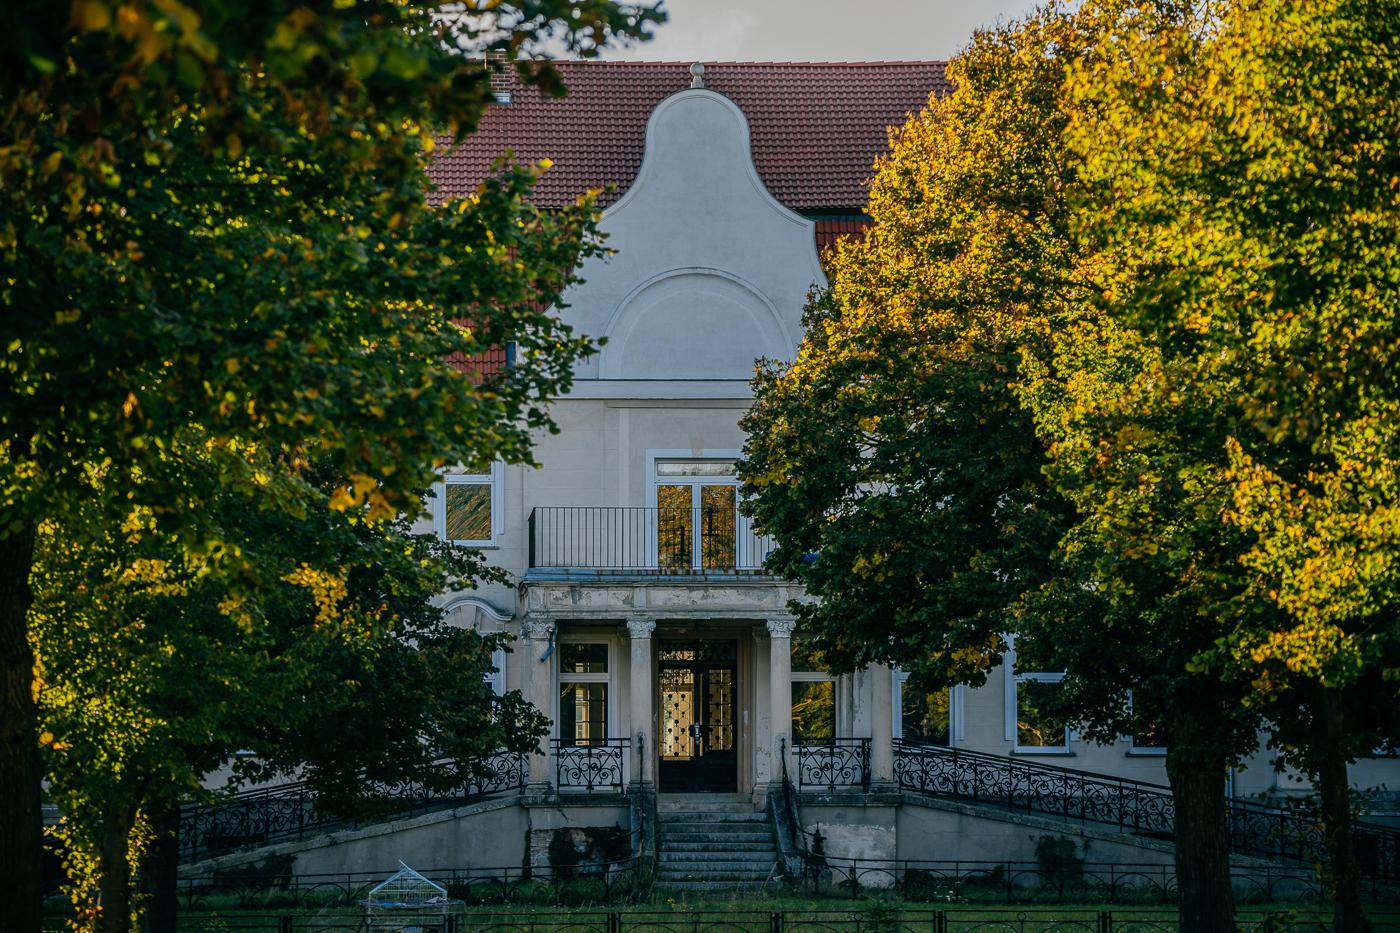 Gutshaus (Herrenhaus, Schloss) Klein Helle